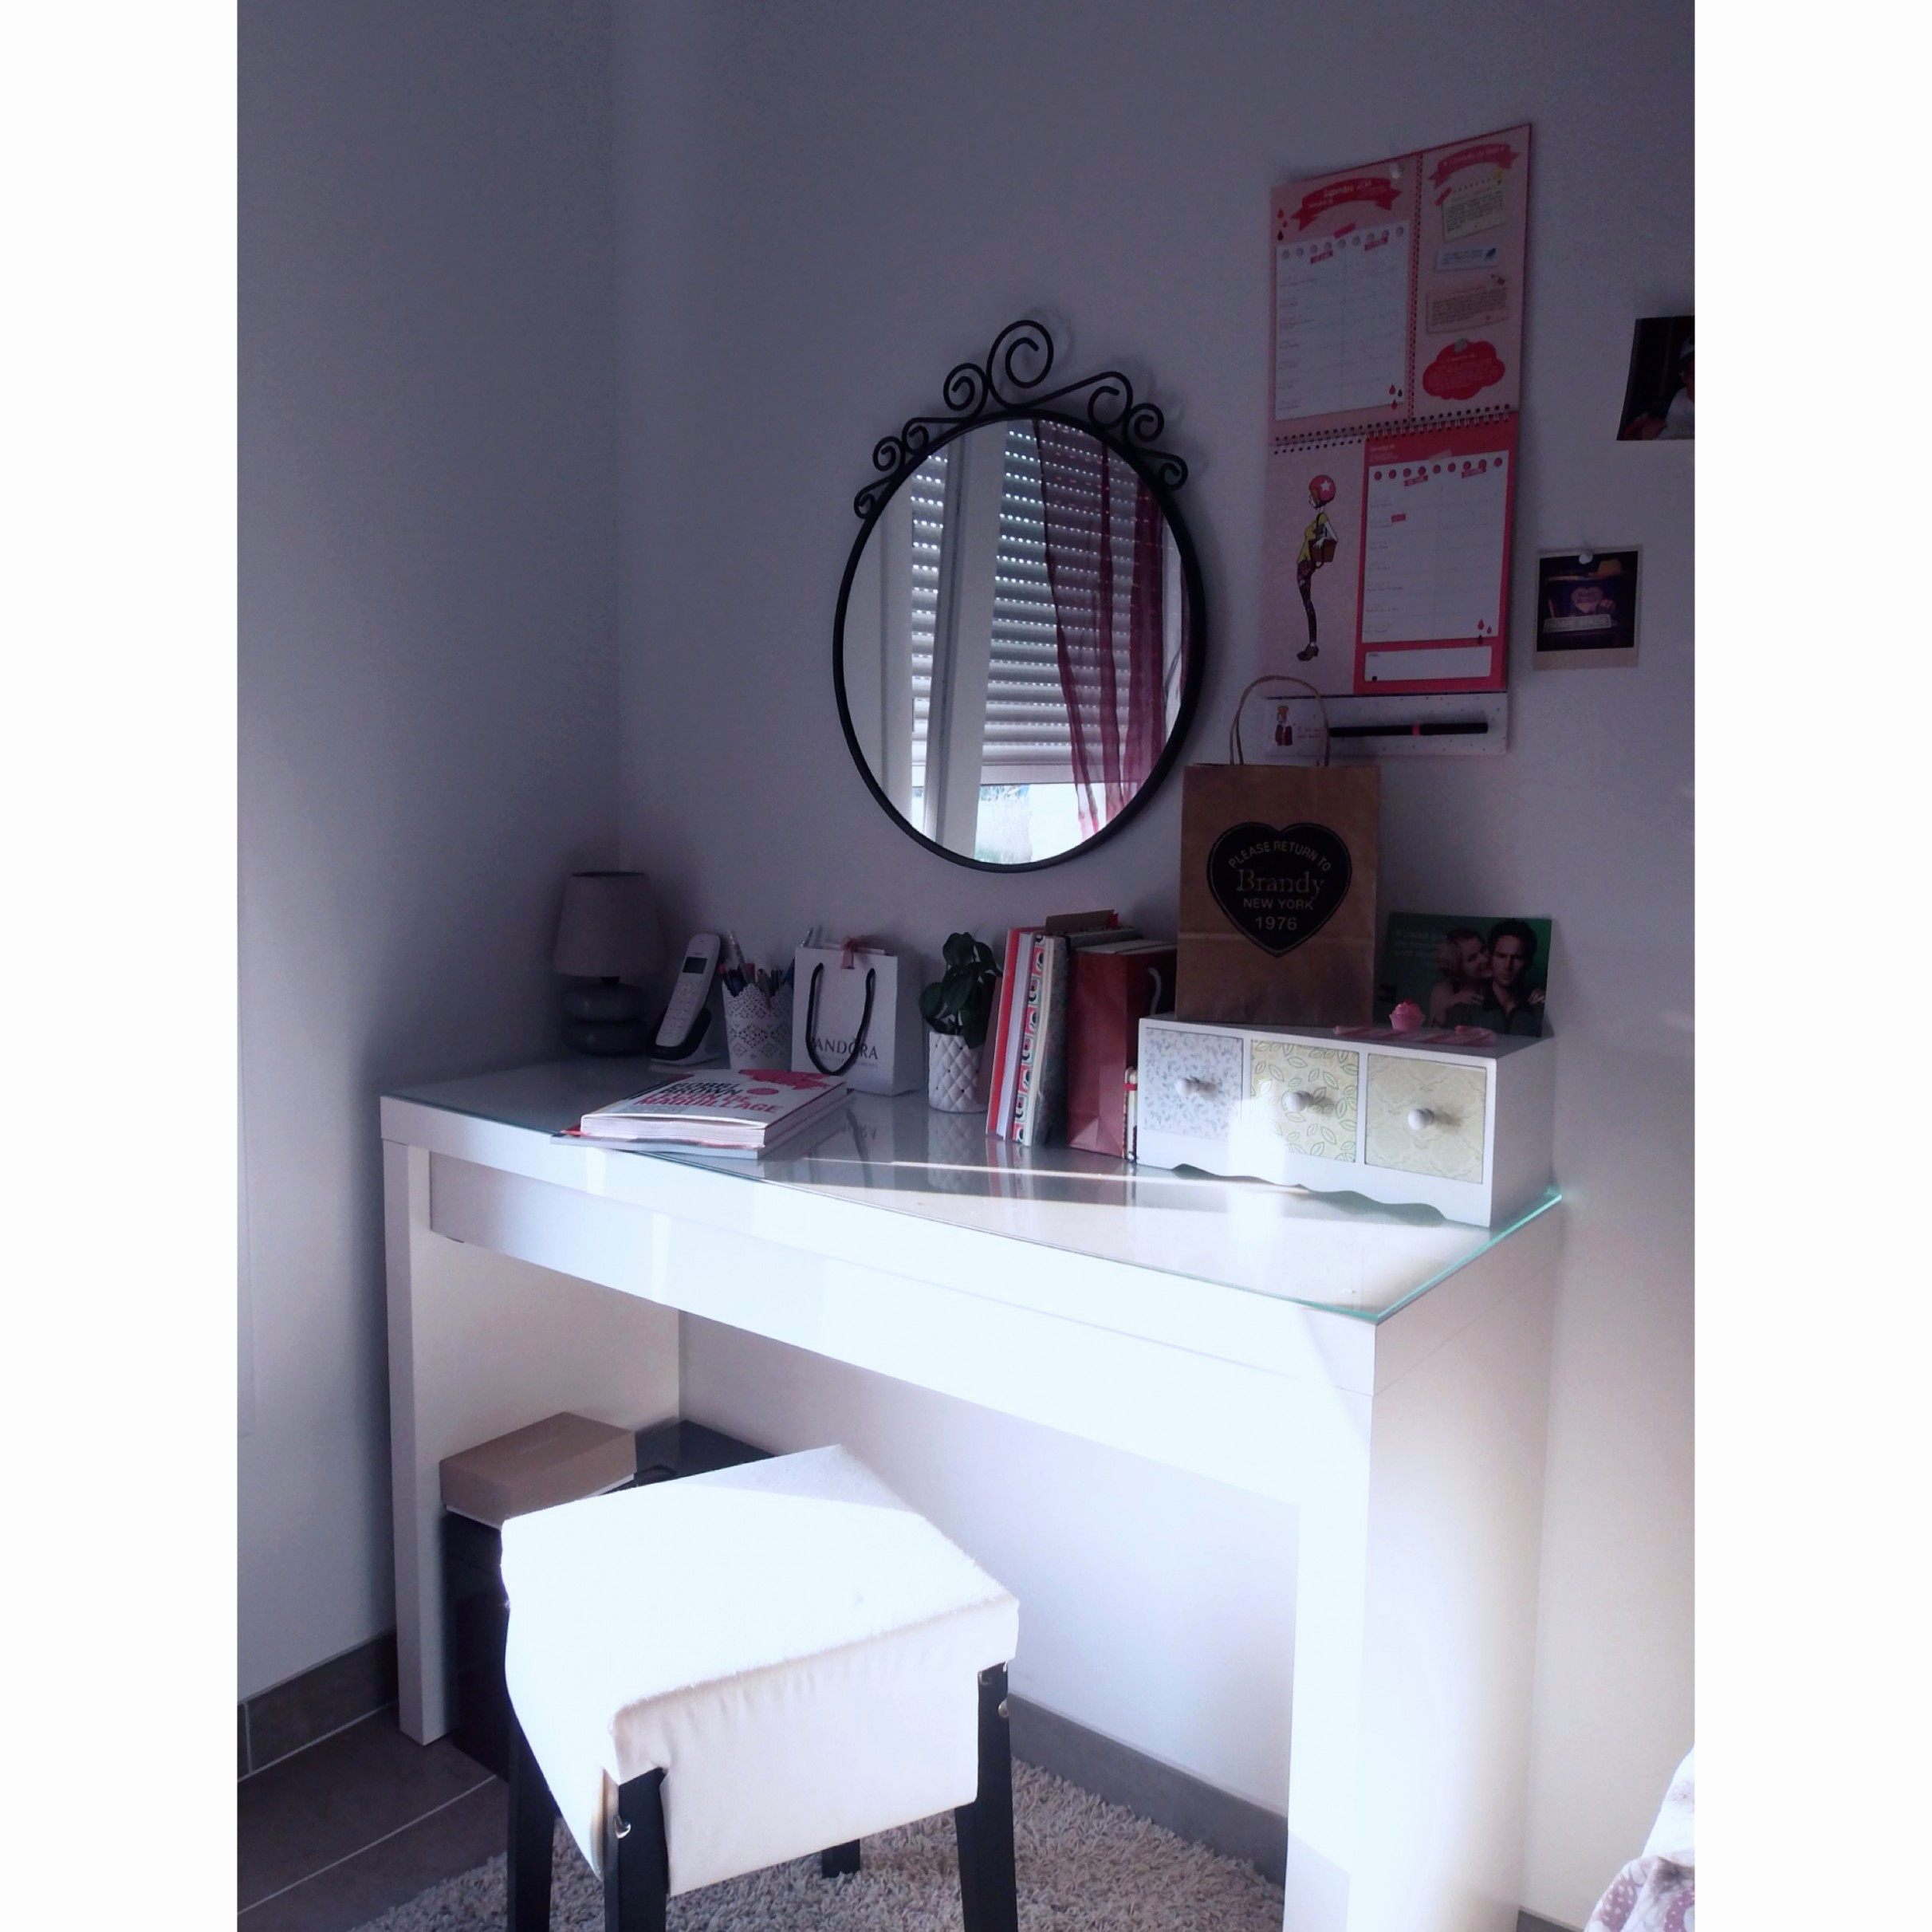 Lit Bois Blanc Belle Meuble Blanc Chambre Chambre Bebe Bois Blanc Belle Banquette Lit 0d